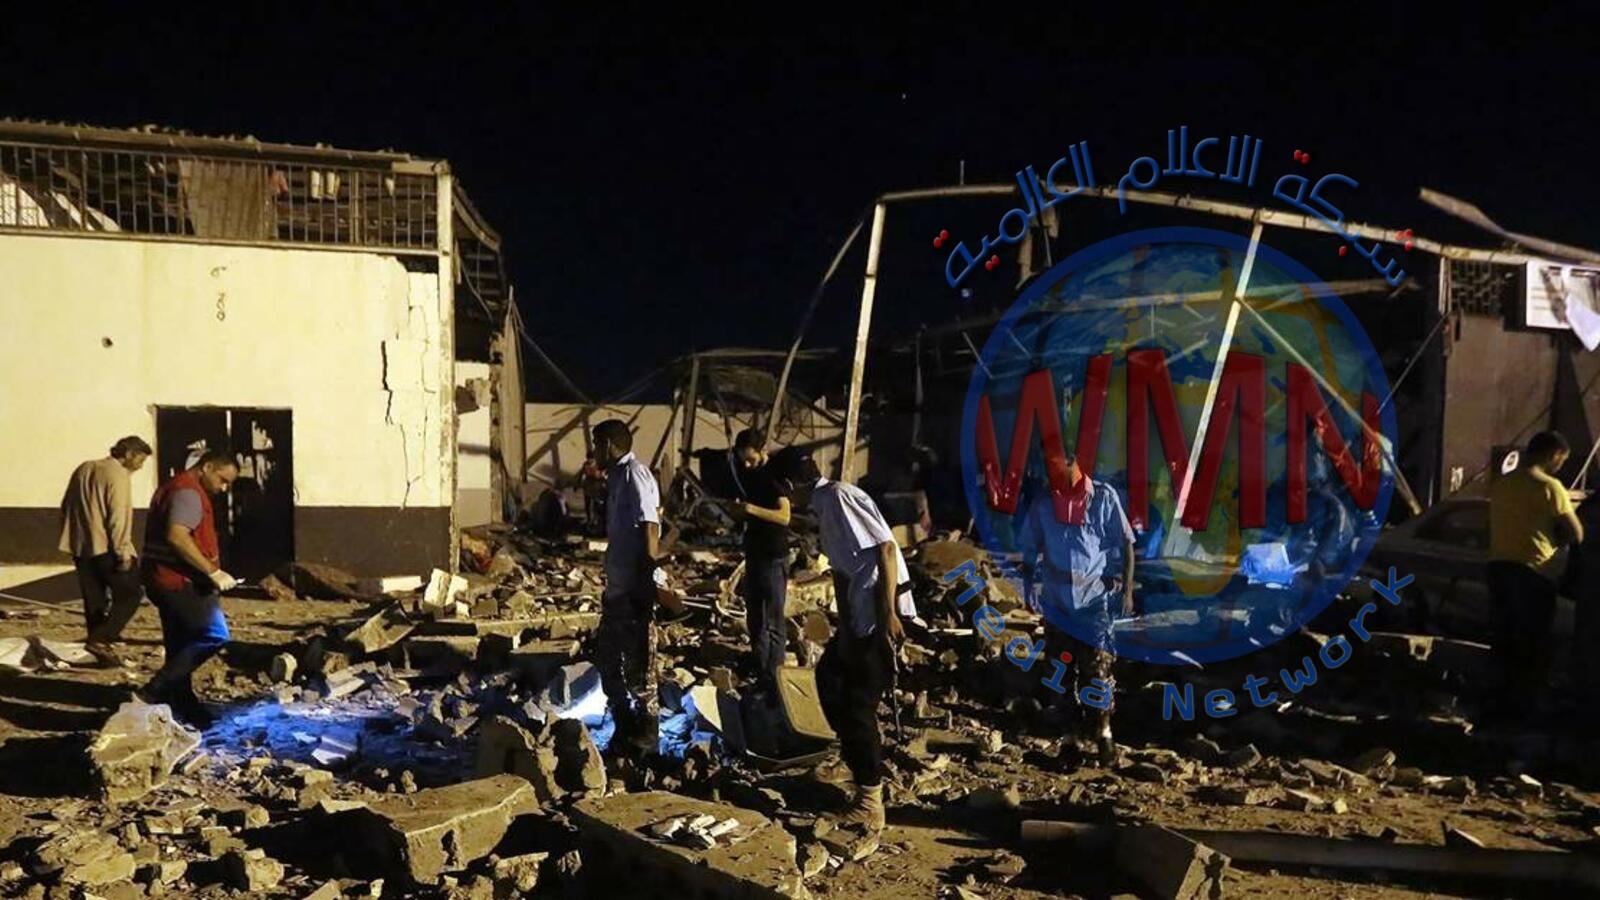 واشنطن تُجهض بيانا لمجلس الامن يدين قصف مركز المهاجرين بليبيا